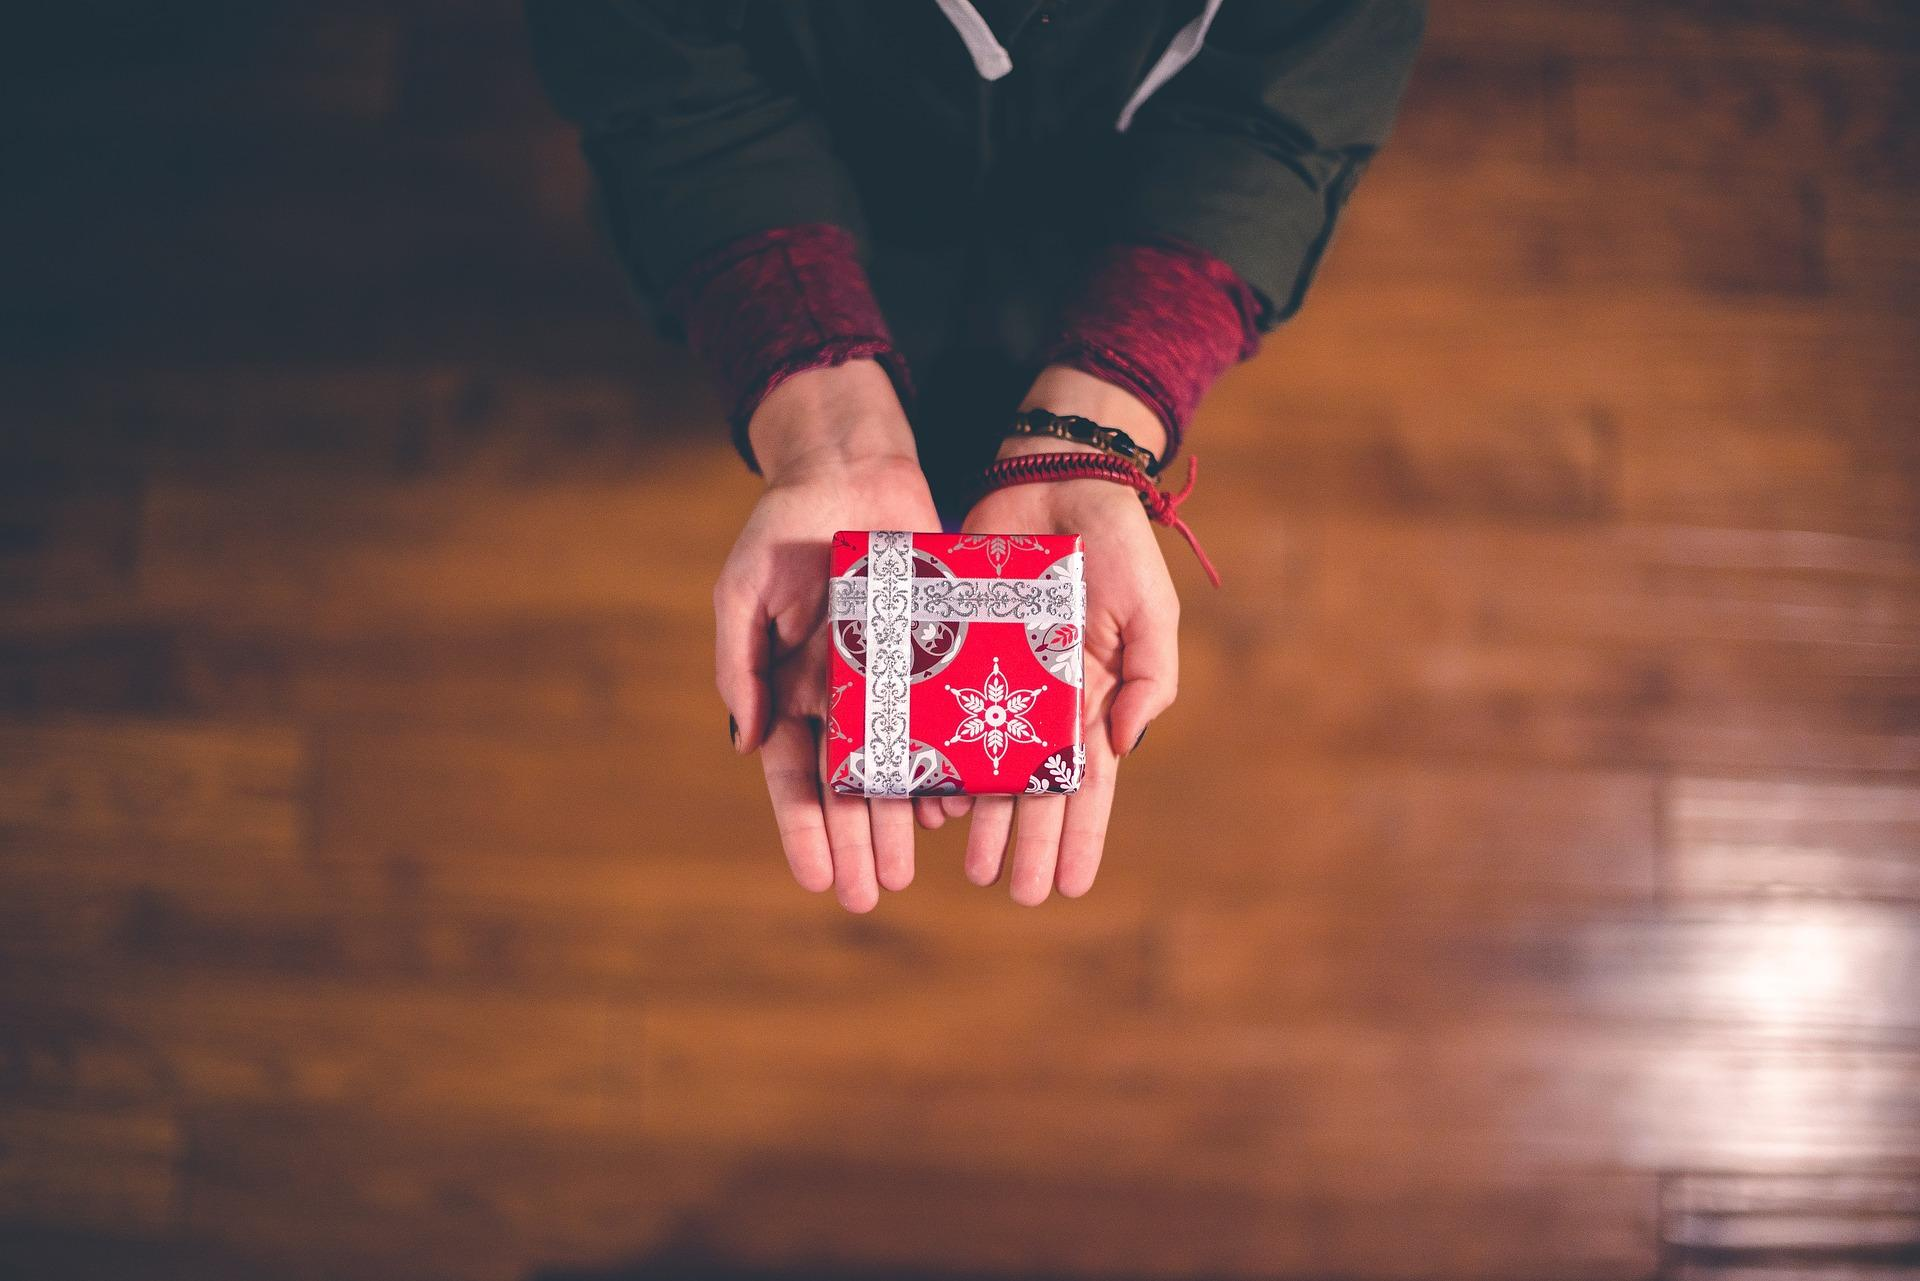 Что подарить мужчине? Идеи подарков на 23 февраля